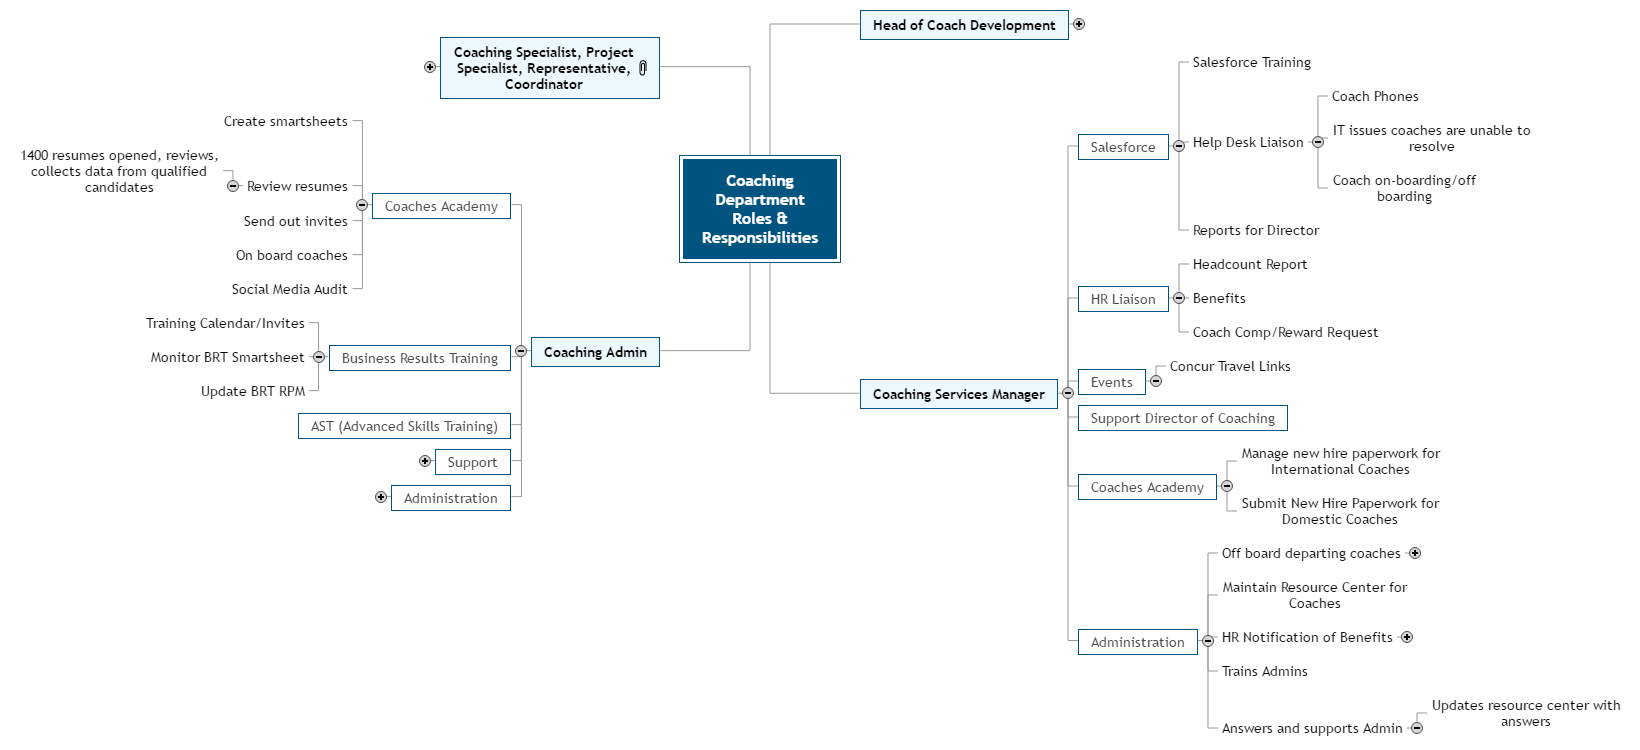 1-Coaching Dept. Job Responsibilities Mind Map